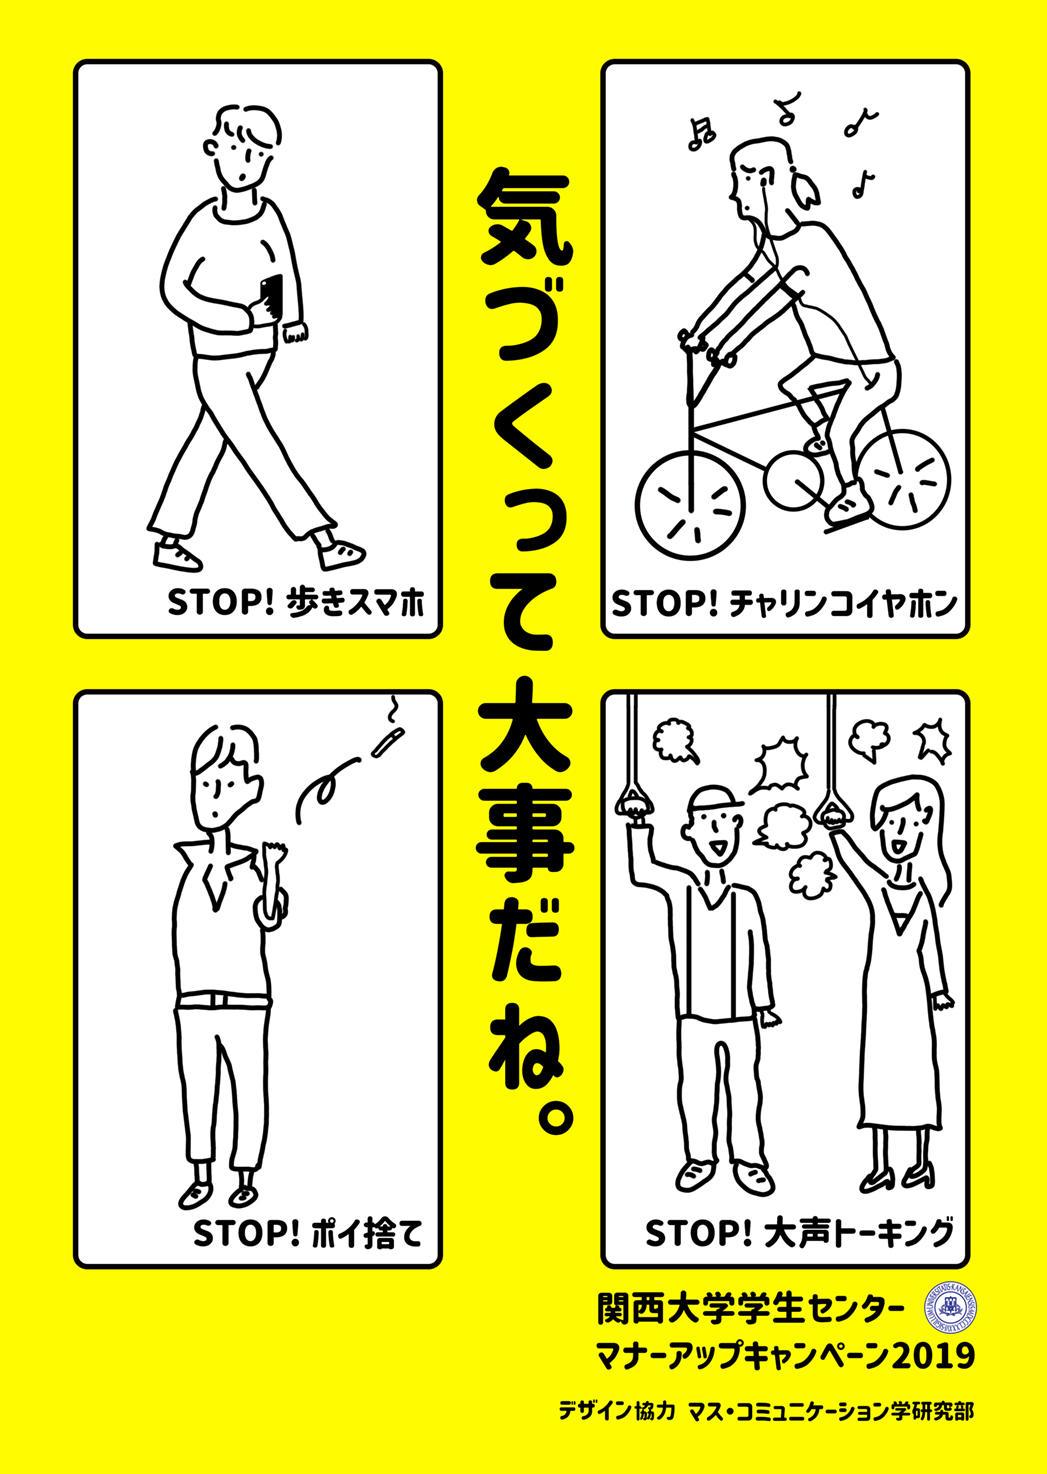 ◆関西大学春季マナーアップキャンペーンを実施◆歩きスマホの経験者は78.2%!? その''ふつう''の認識に待った!!